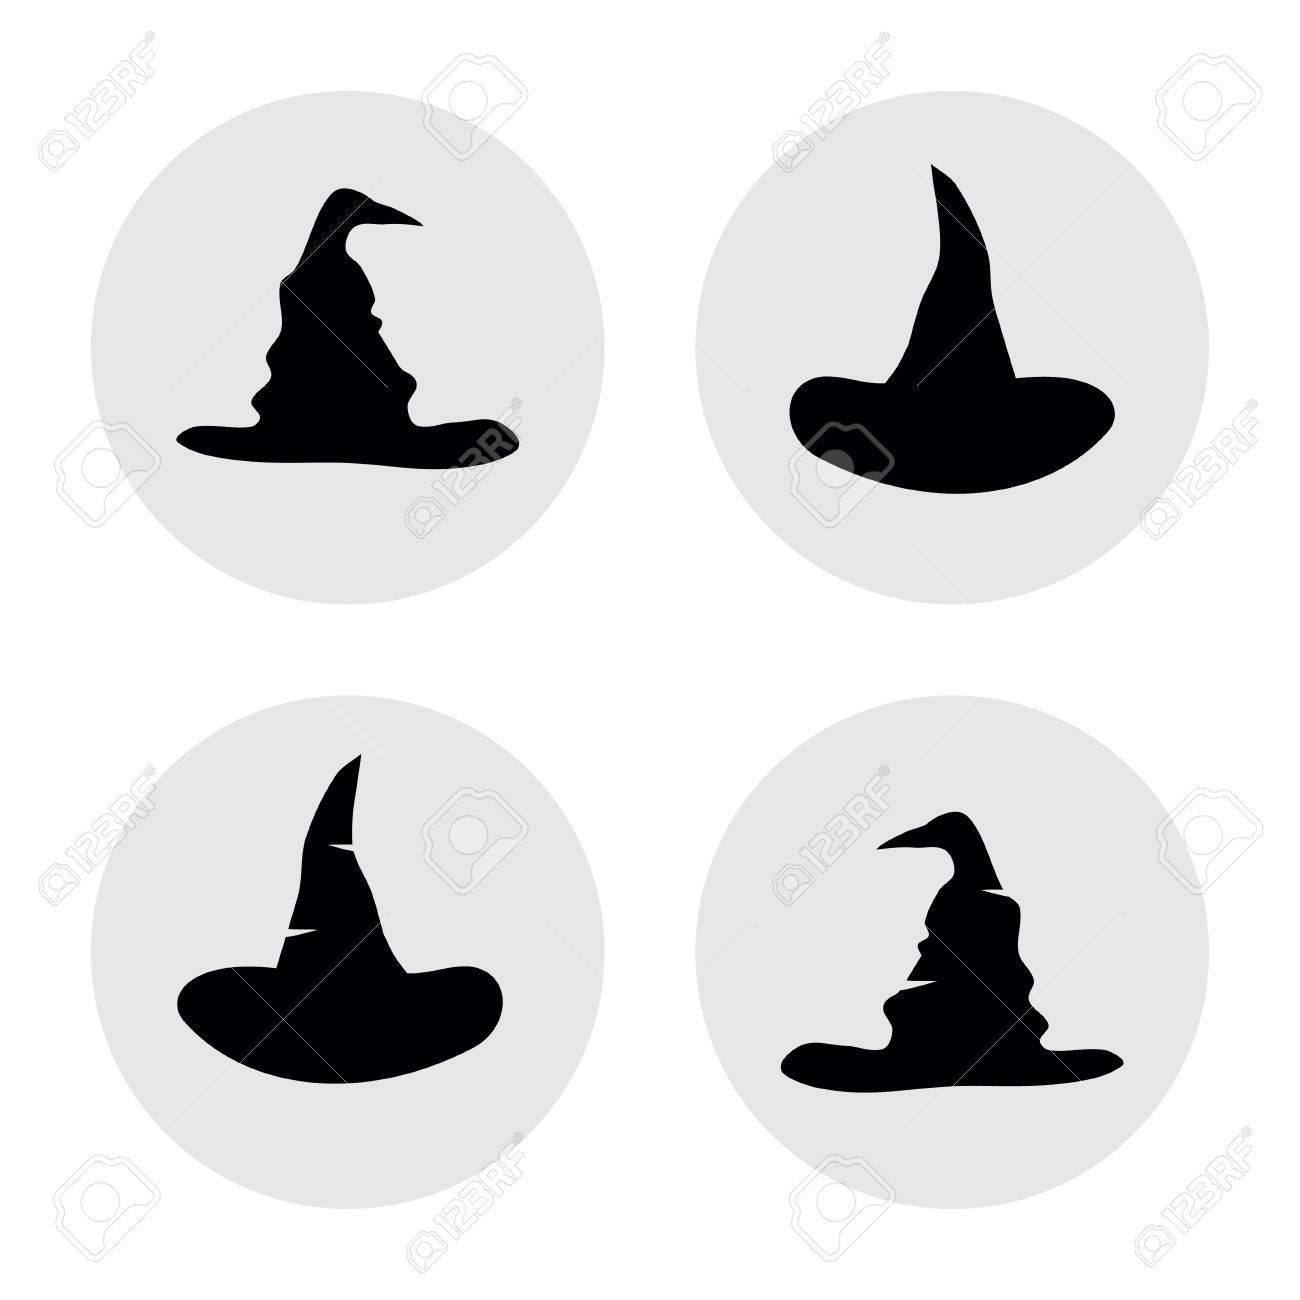 簡単なハロウィンの帽子アイコンオブジェクトのベクトル イラストの